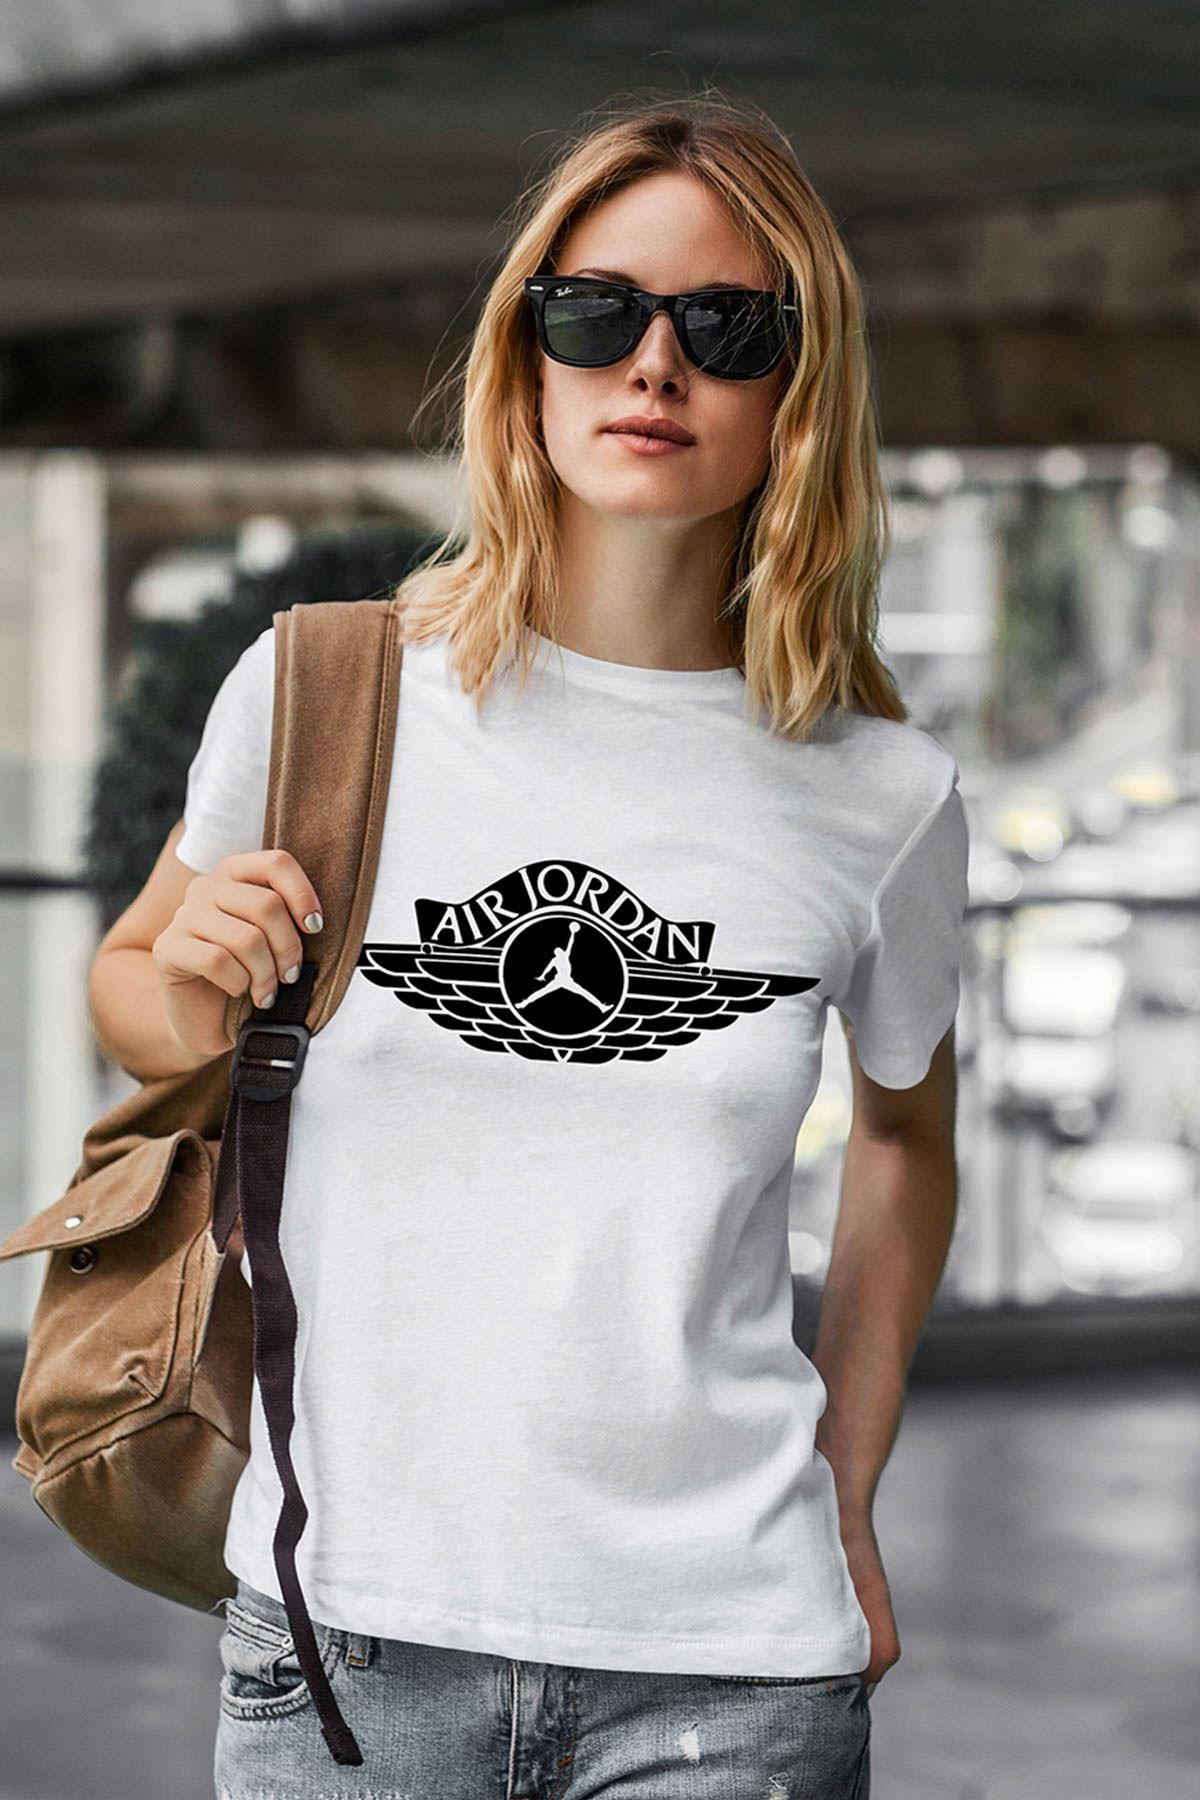 Air Jordan 12 Beyaz NBA Kadın Tshirt - Tişört